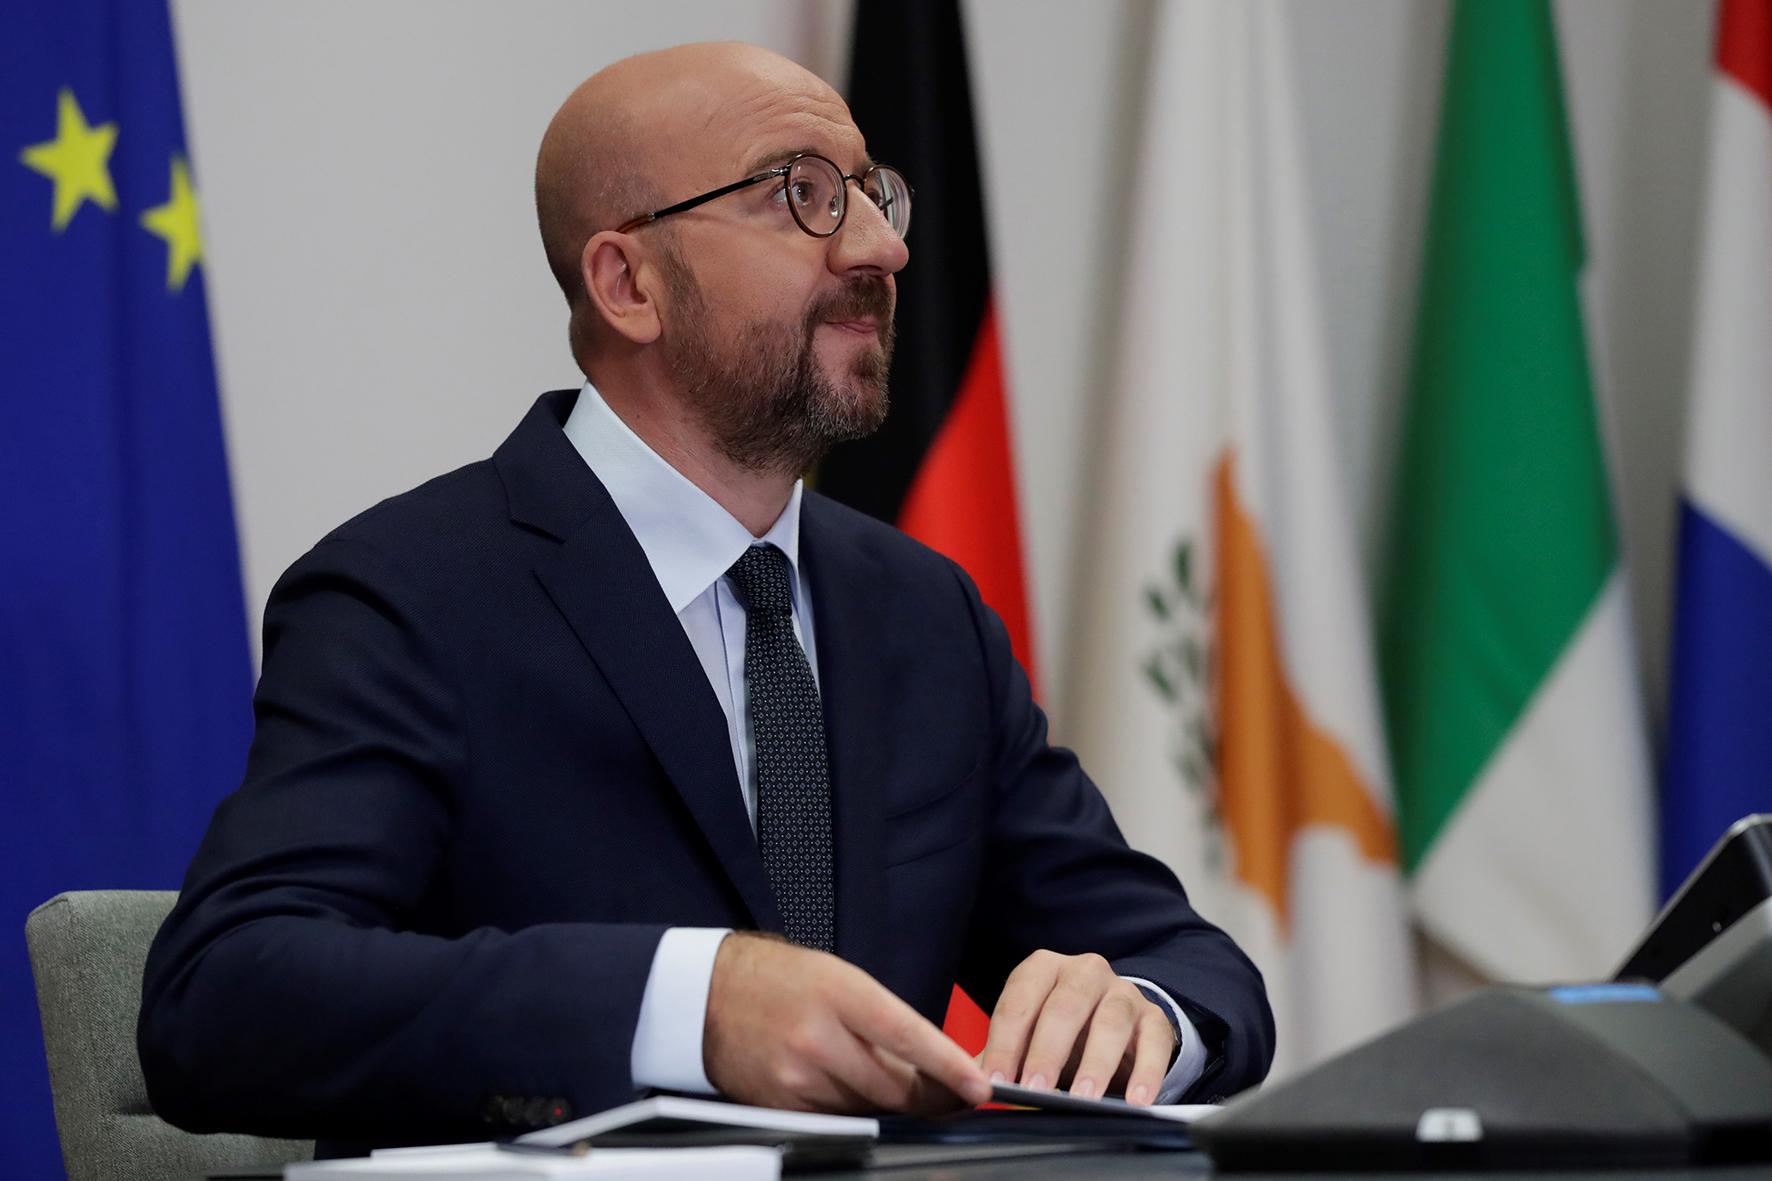 De EU zal snel sancties opleggen aan een aantal Wit-Russen voor verkiezingsfraude en het geweld tegen demonstranten. Dat zei EU-president Charles Michel na afloop van een digitale EU-top.